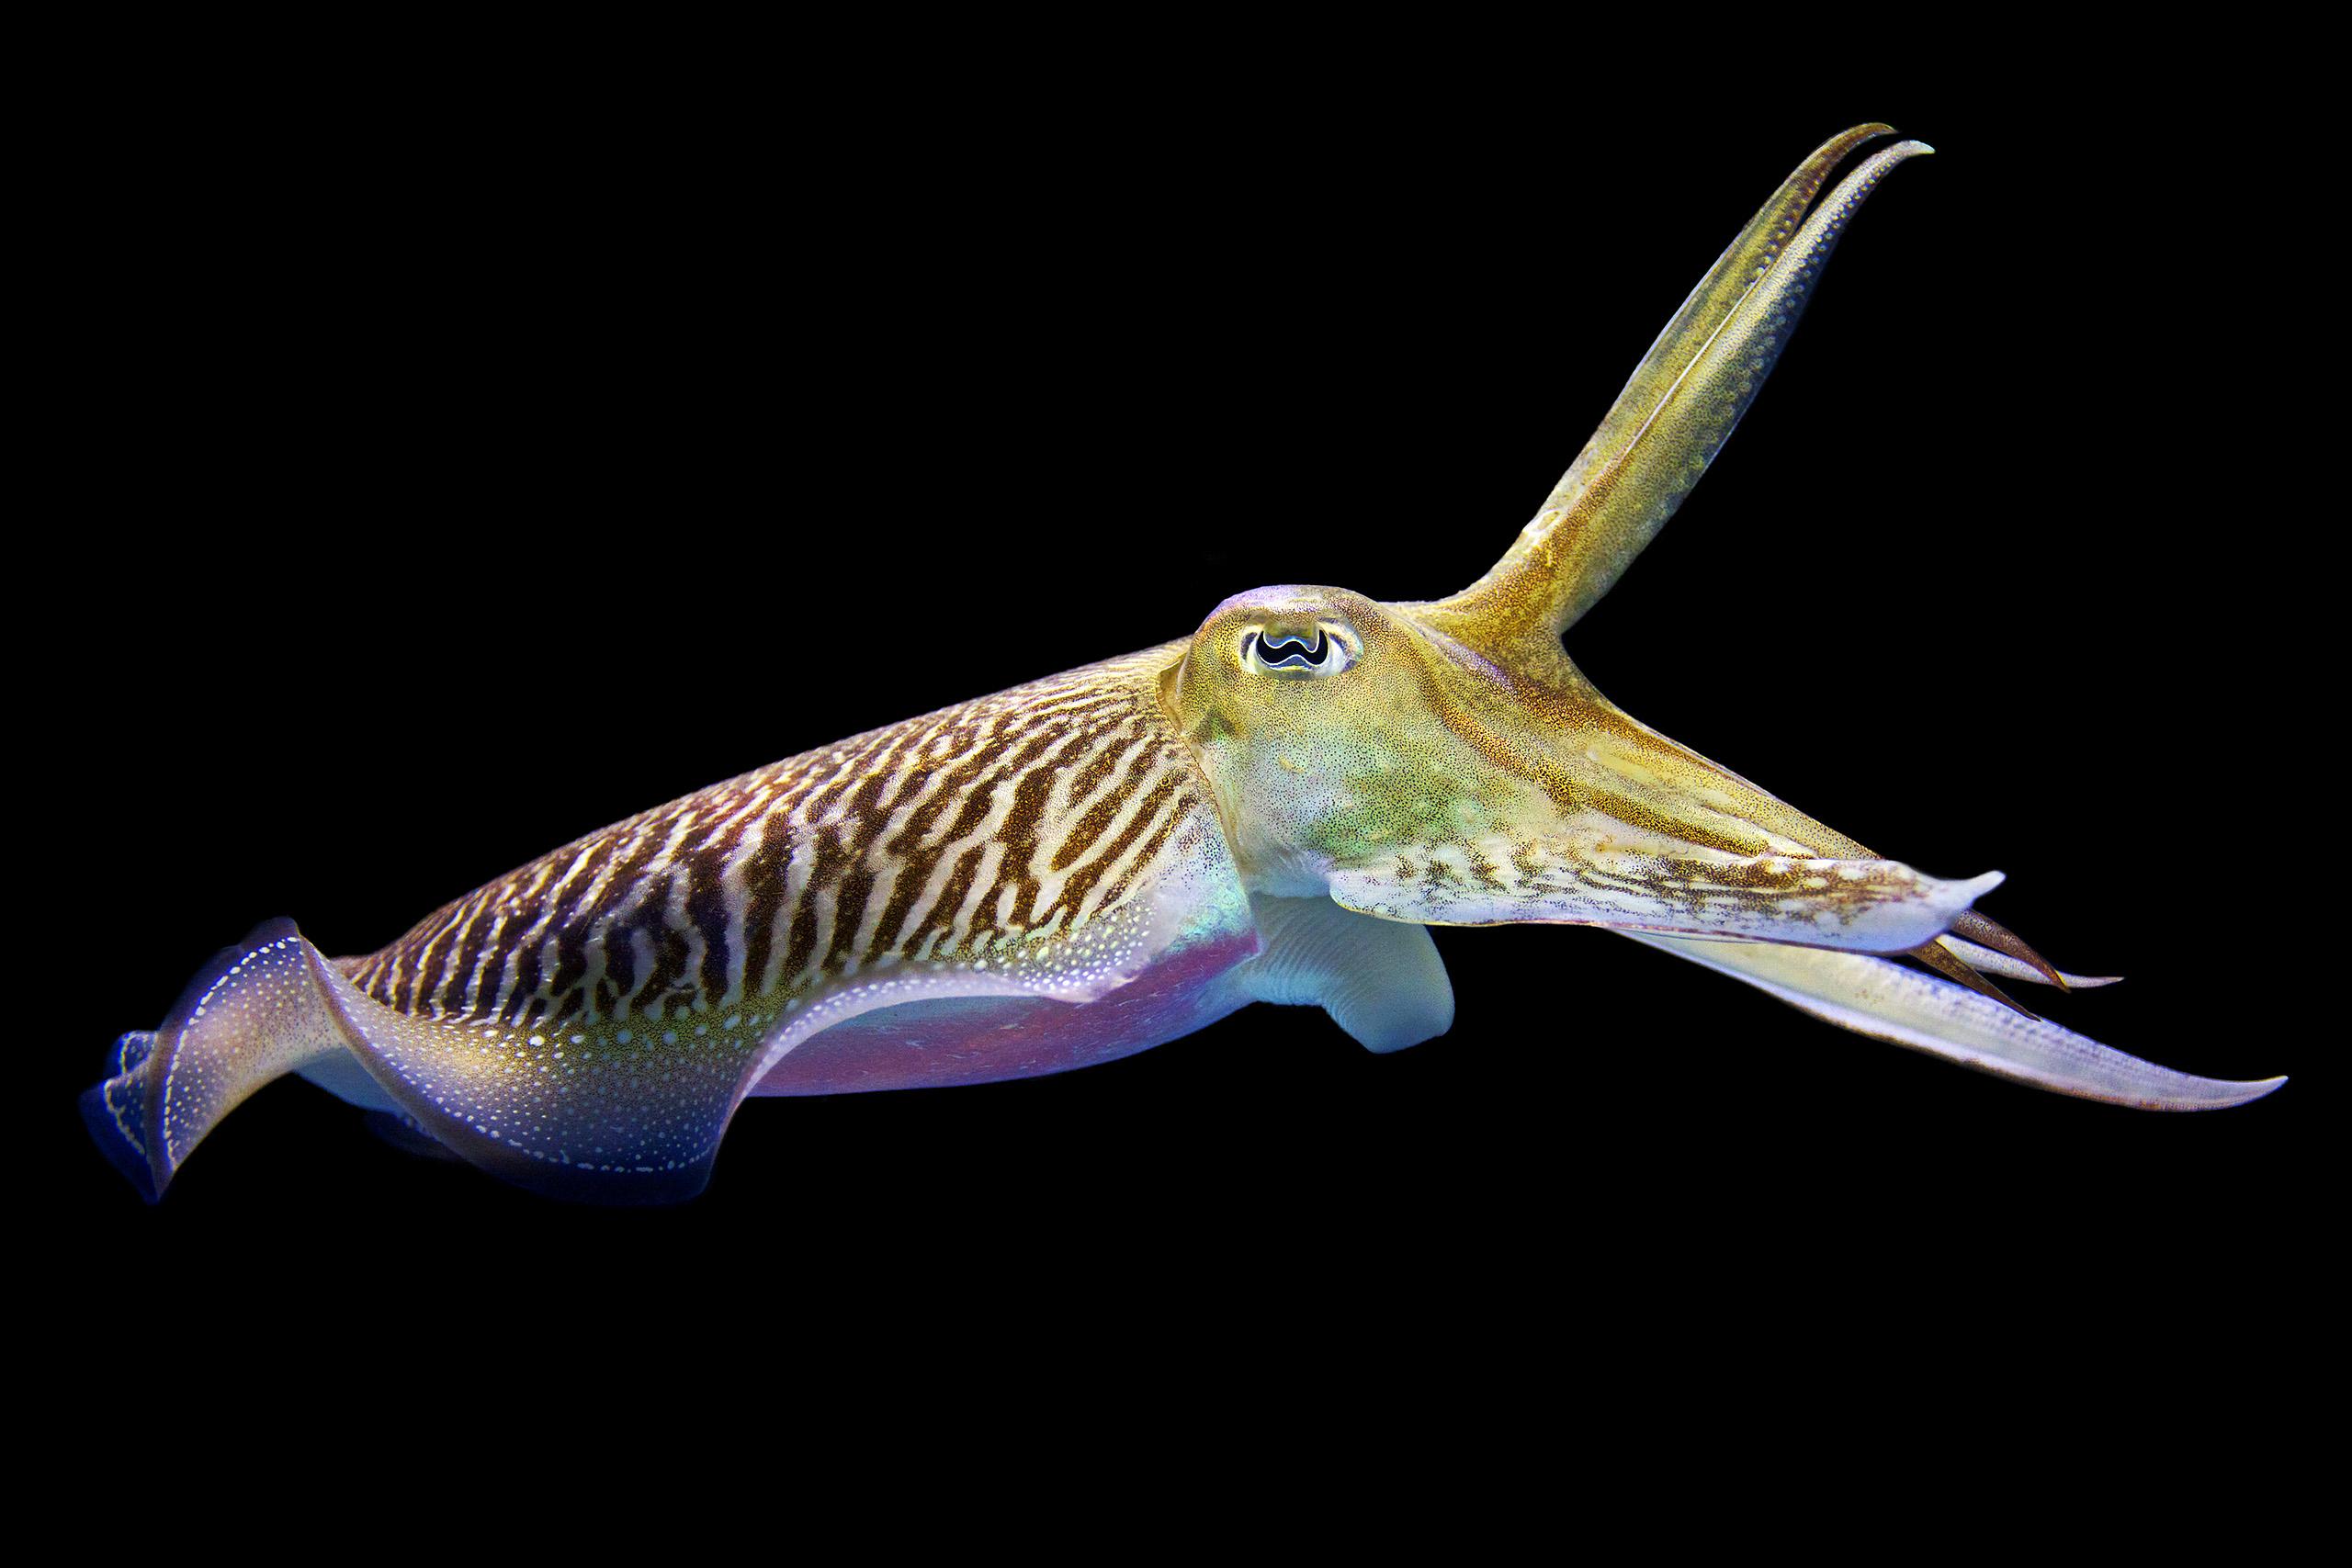 cute cuttle fish - HD1620×1080